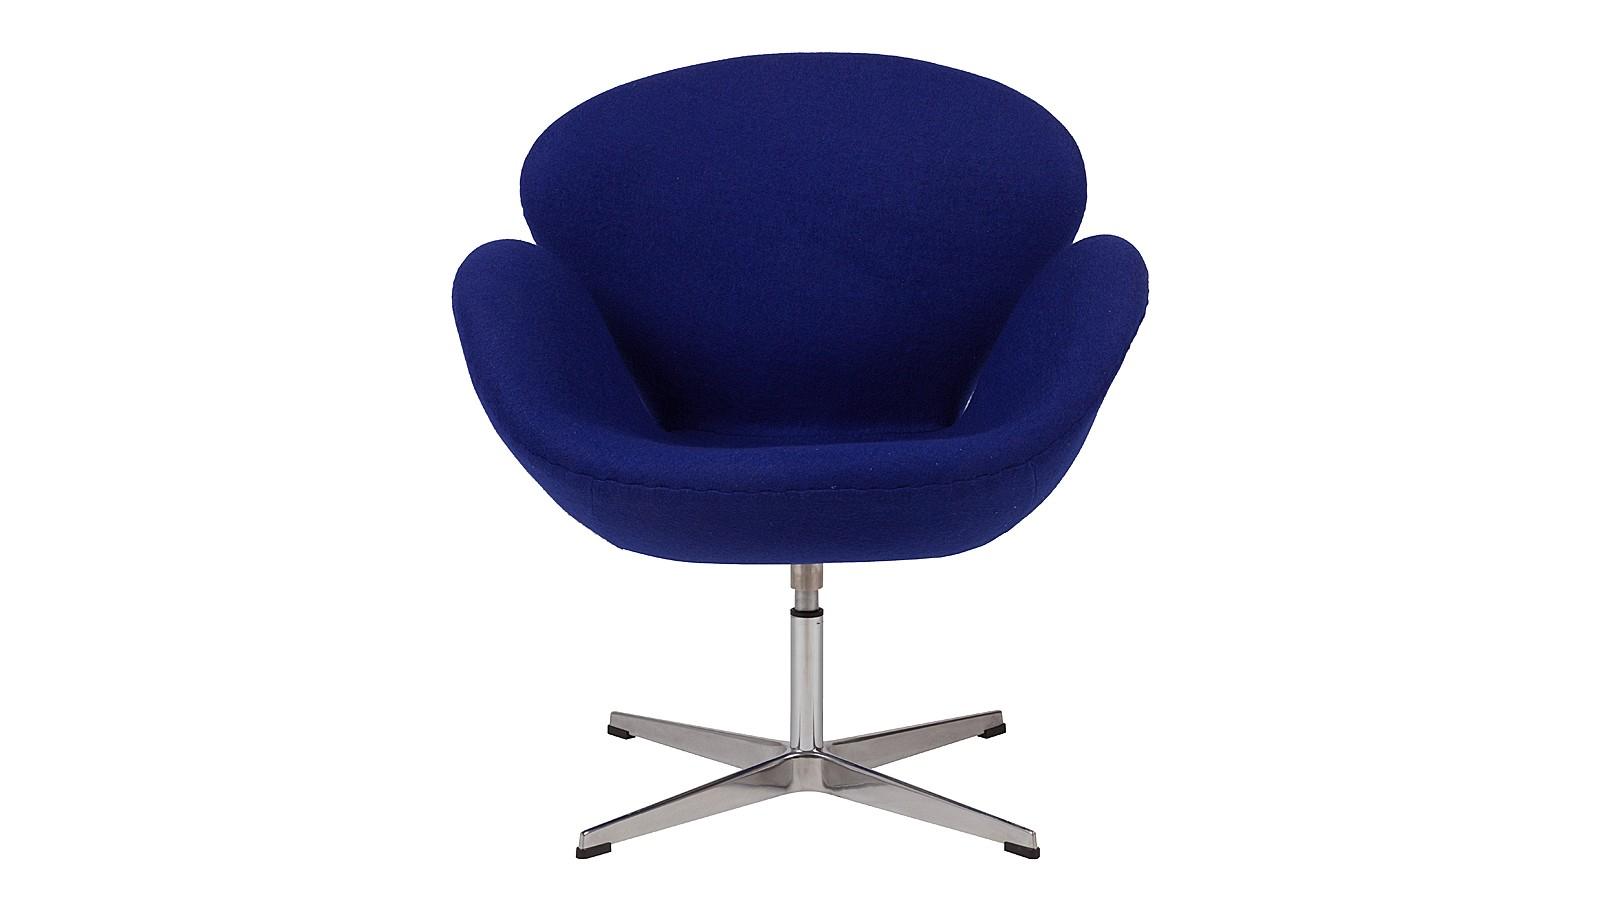 Кресло Swan ChairИнтерьерные кресла<br>Легенды рождают легенды. Известный датский дизайнер Арне Якобсен стремился создать совершенное по форме кресло, не жалея сил и времени на работу. Так родилось образцовое кресло&amp;amp;nbsp;&amp;quot;Swan&amp;quot;, которое может существовать в любом интерьере: холле отеля или в небольшой гостиной. Плавные и обтекаемые формы позволят почувствовать себя комфортно и непринужденно.<br><br>Material: Шерсть<br>Width см: 70<br>Depth см: 71<br>Height см: 78